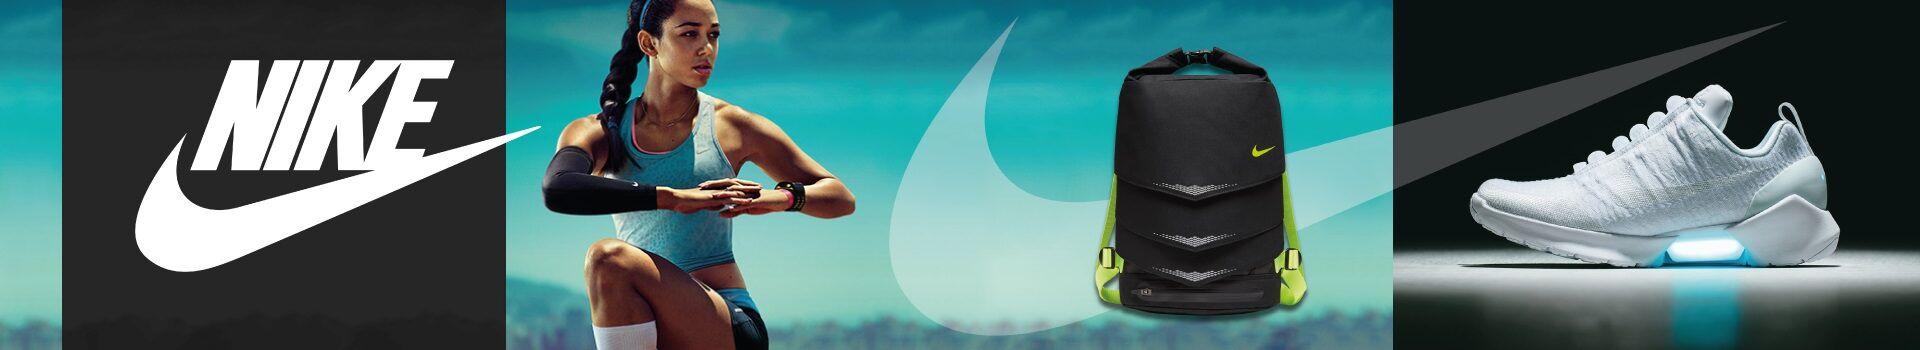 Nike, banner, Original